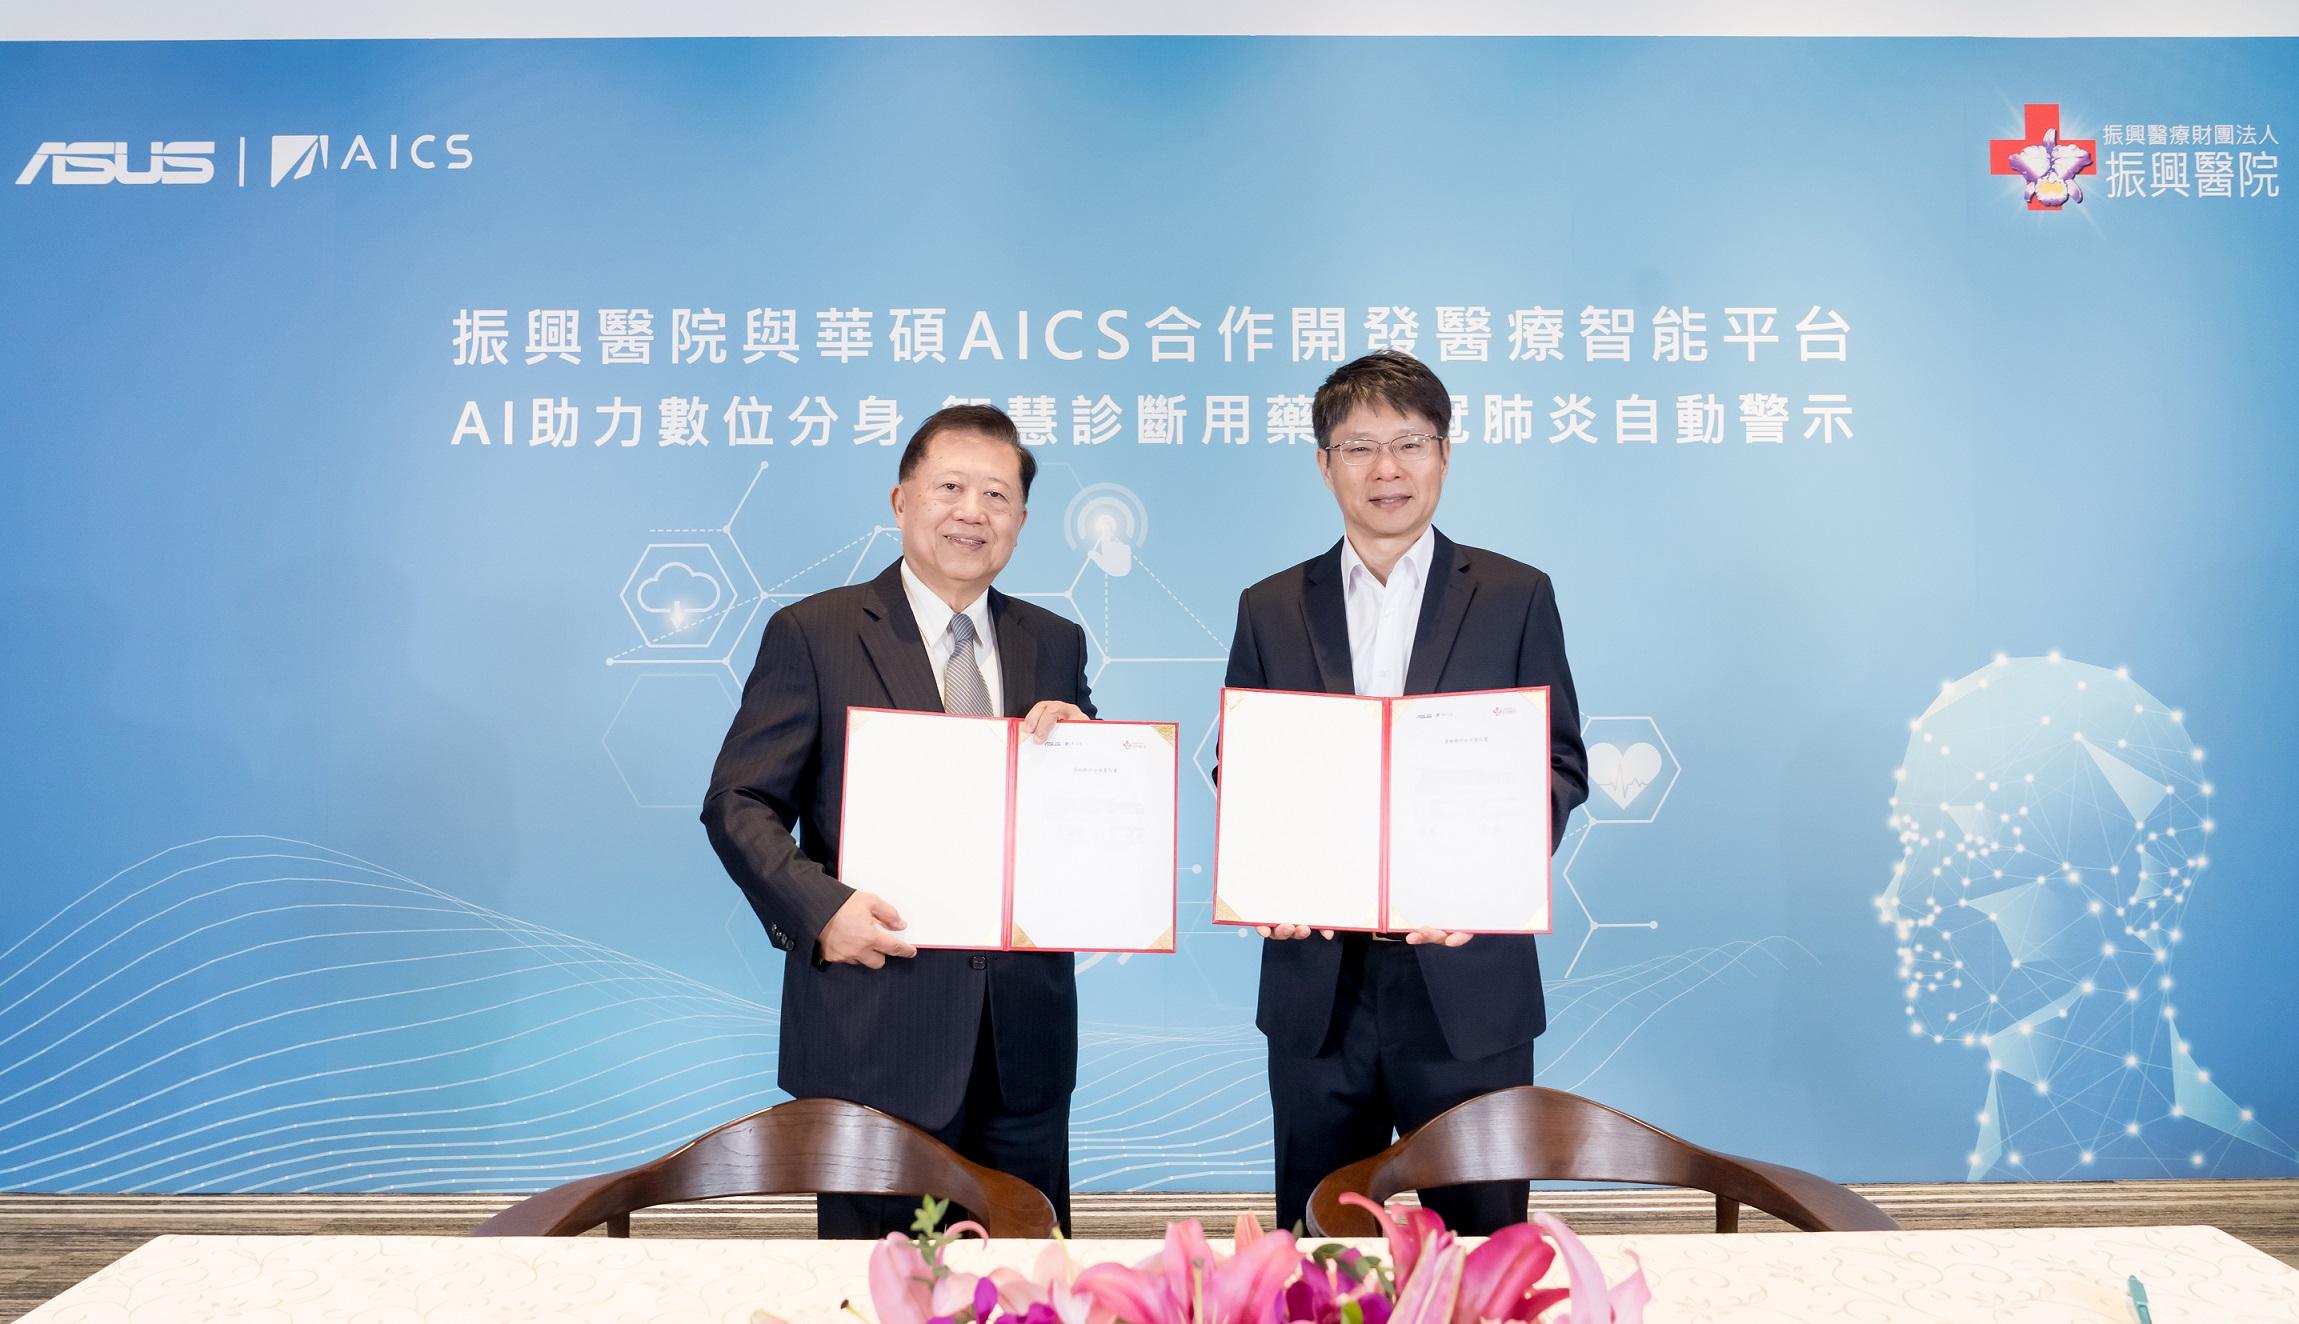 AICS今共同簽署「策略夥伴合作意向書」,將合作開發醫療智能平台。